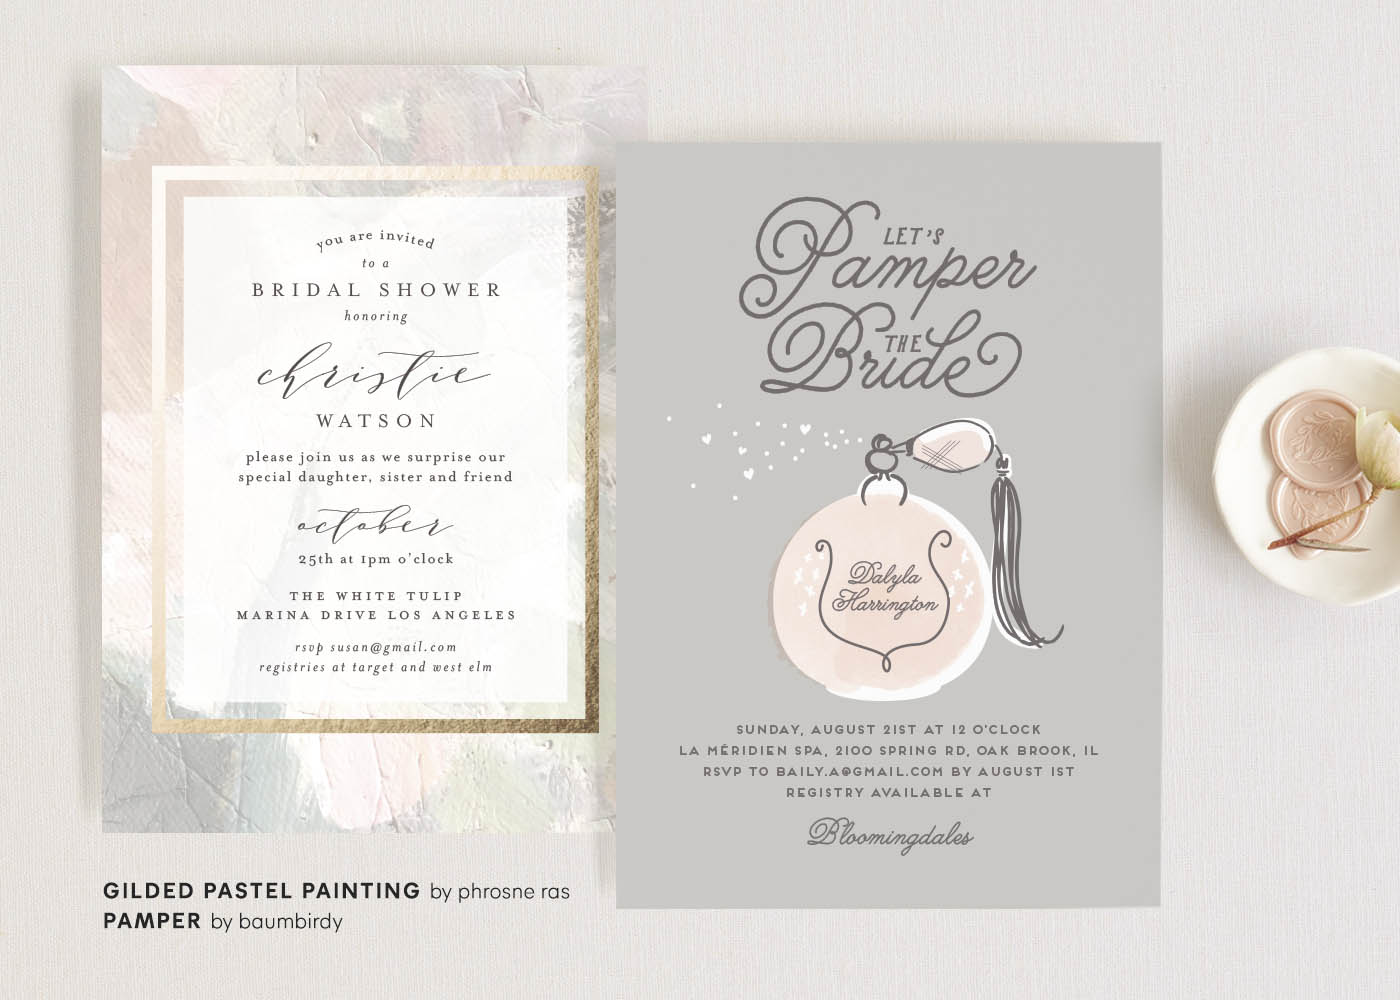 Bridal Shower Invitations - Outdoor Ideas